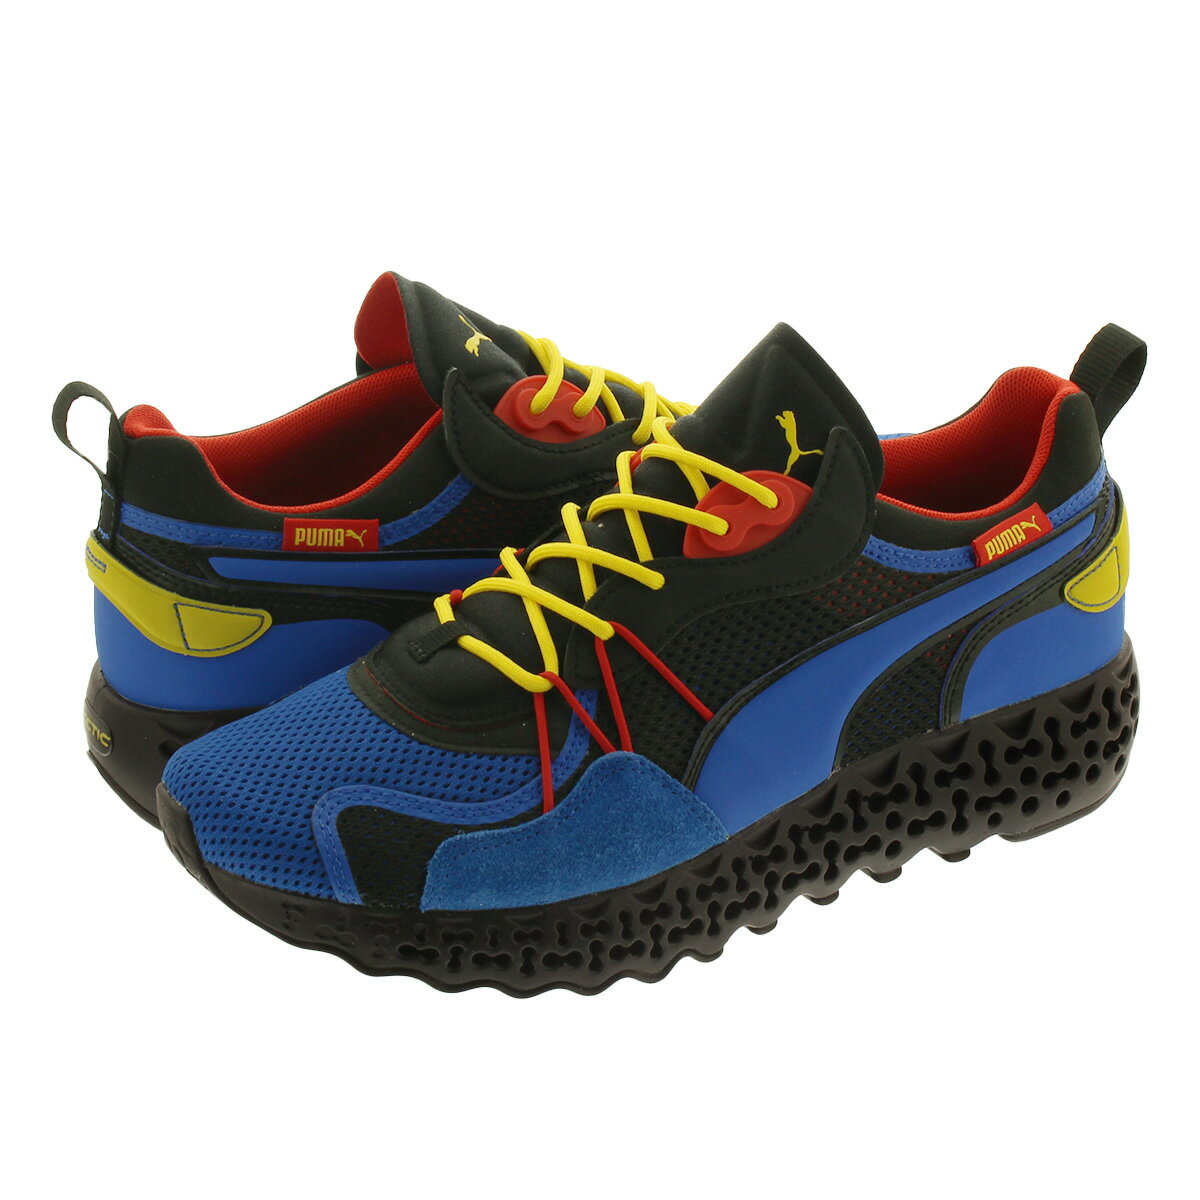 メンズ靴, スニーカー PUMA CALIBRATE RESTORE LAPIS BLUEFIZZY YELLOW 373529-02